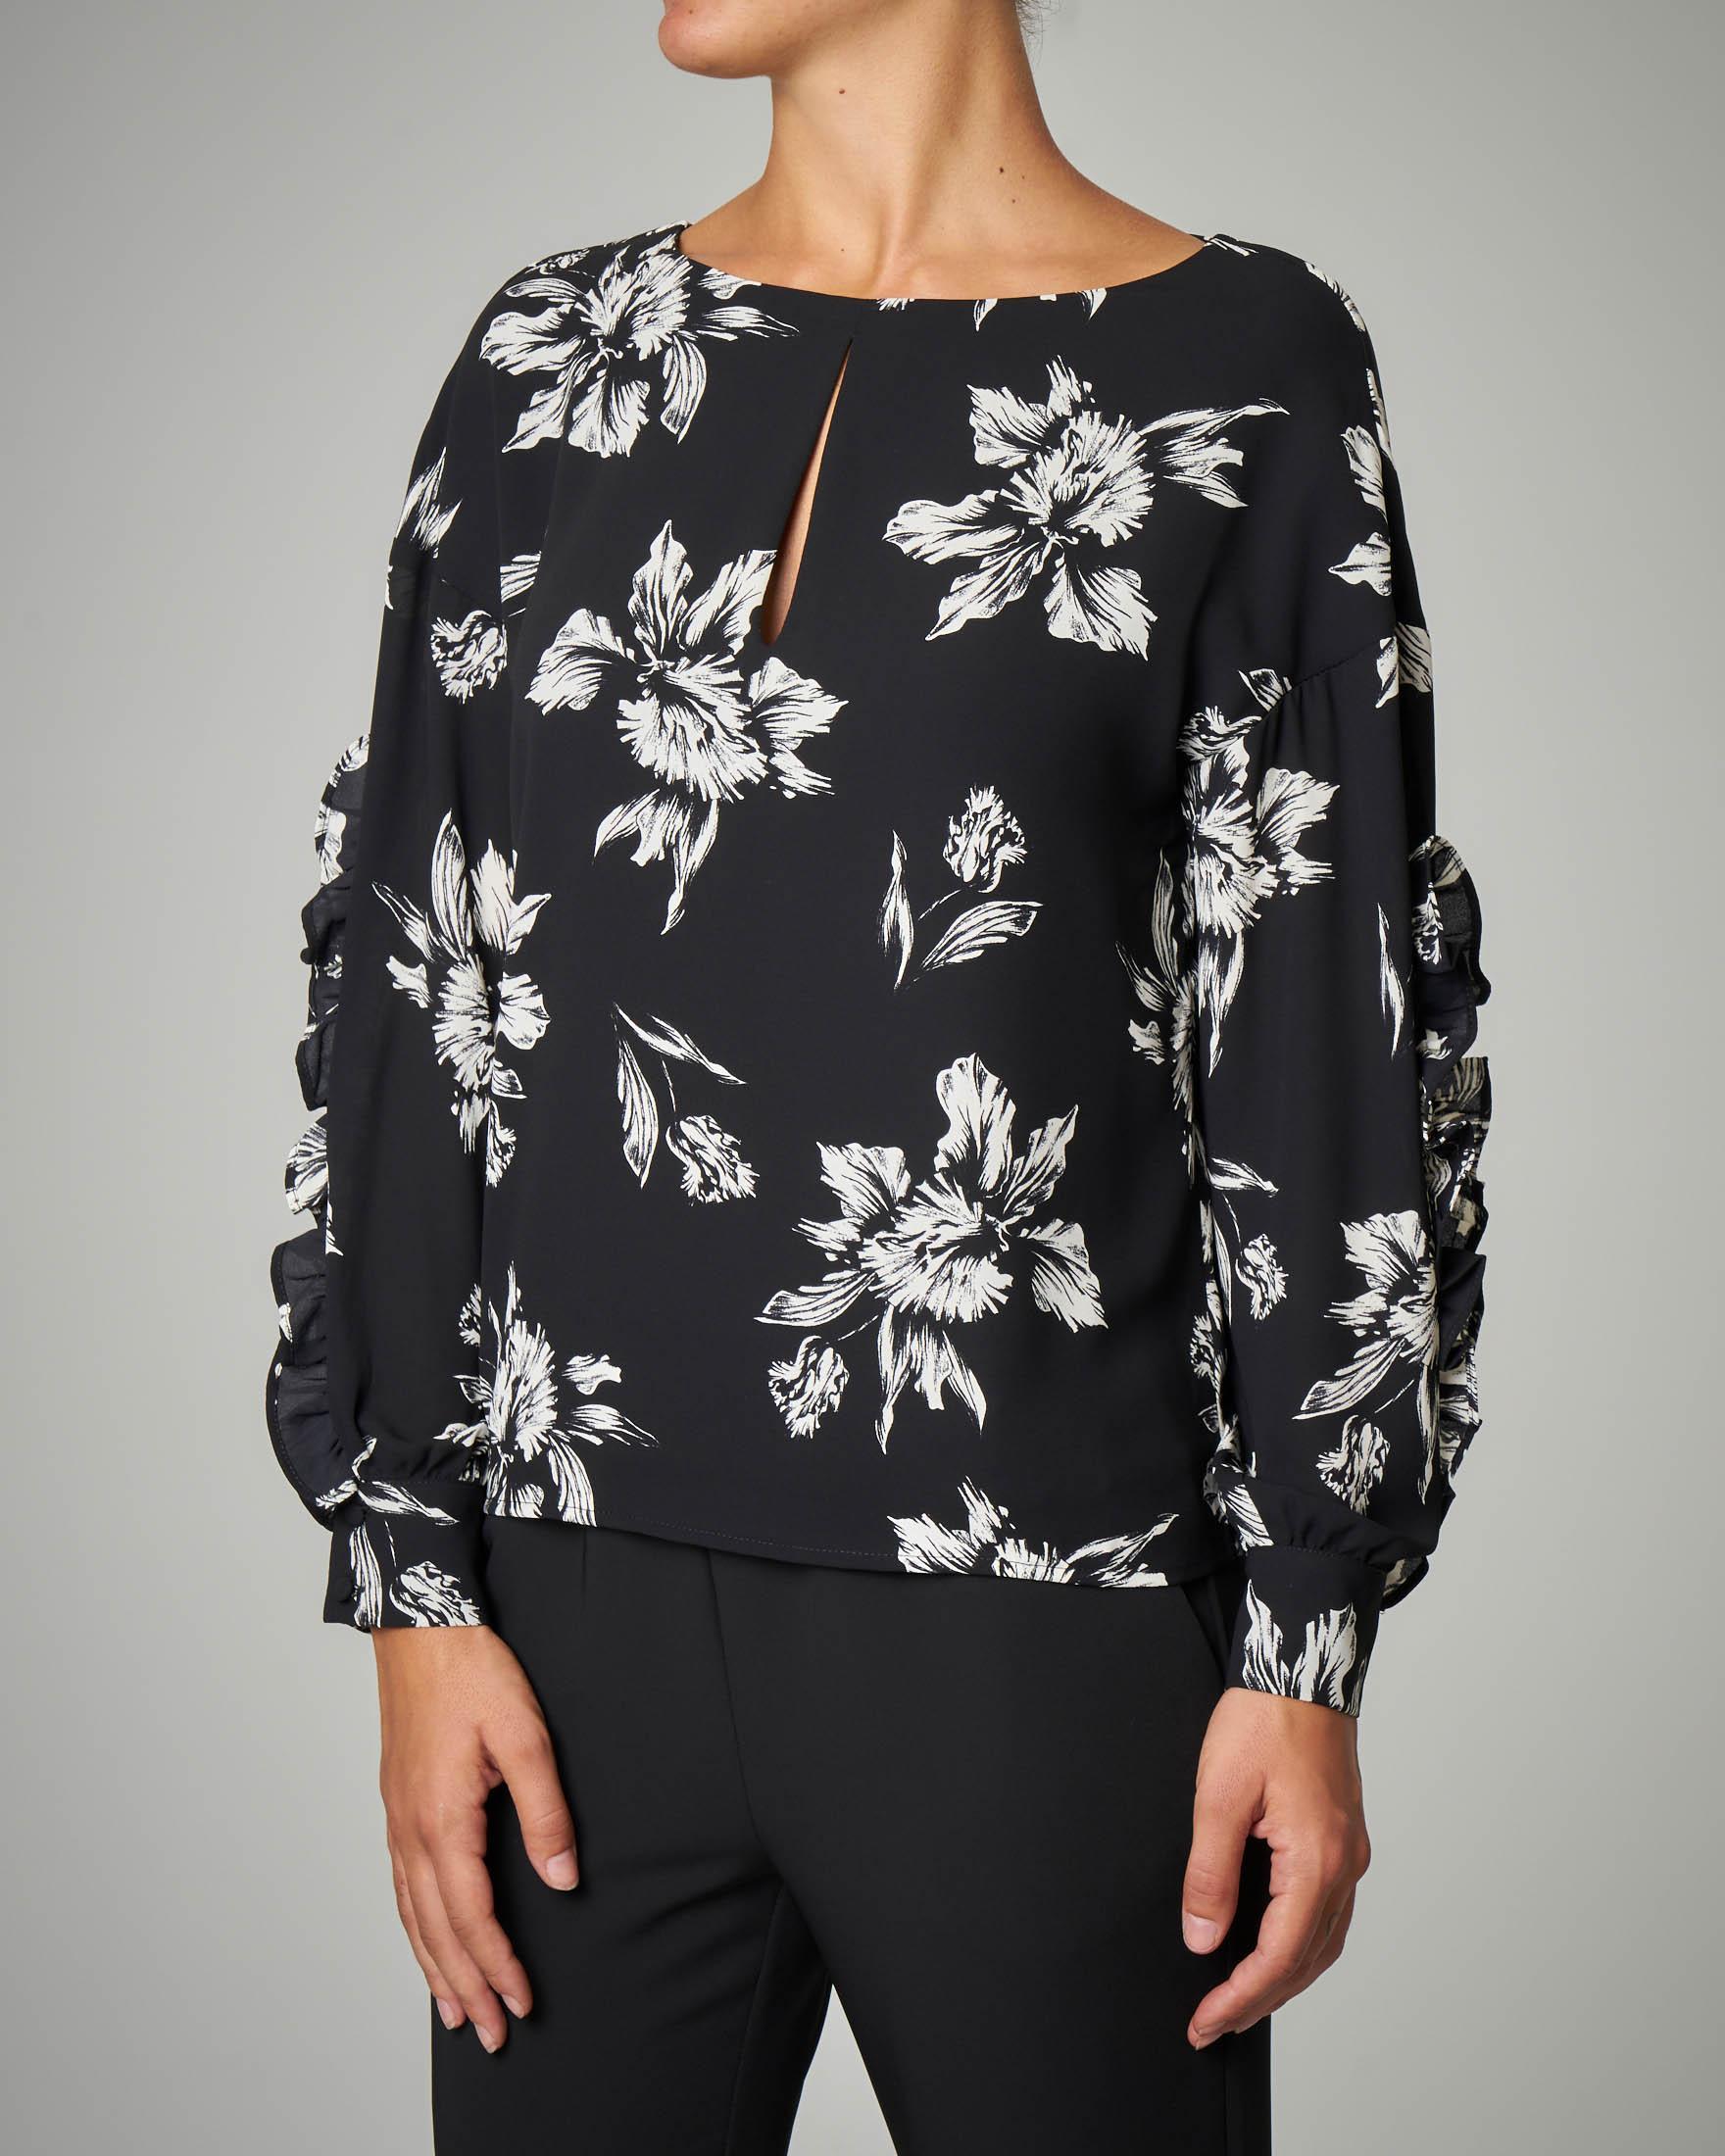 Blusa nera stampa floreale con maniche lunghe